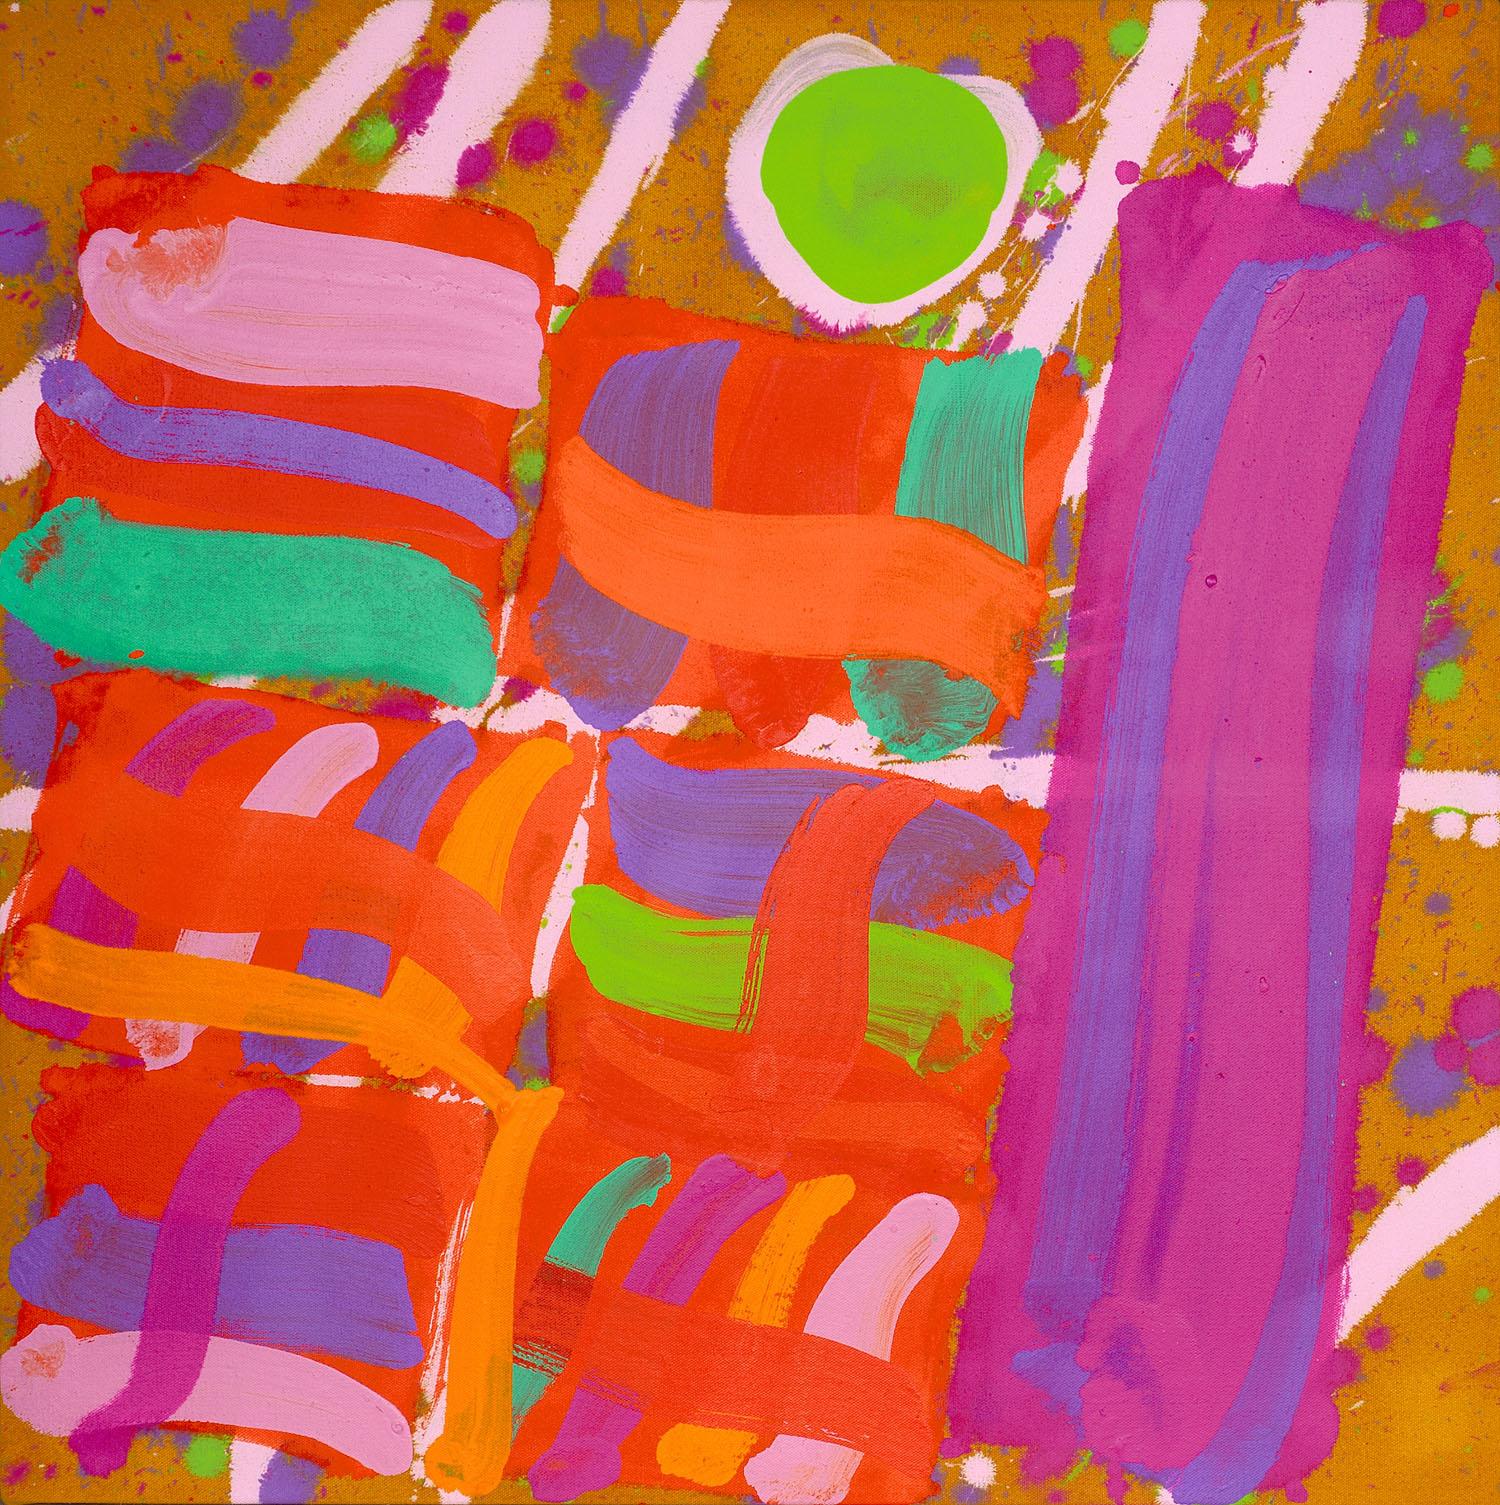 Albert Irvin_2012_Rosetta III_acrylic on canvas_61 x 61cm.jpg